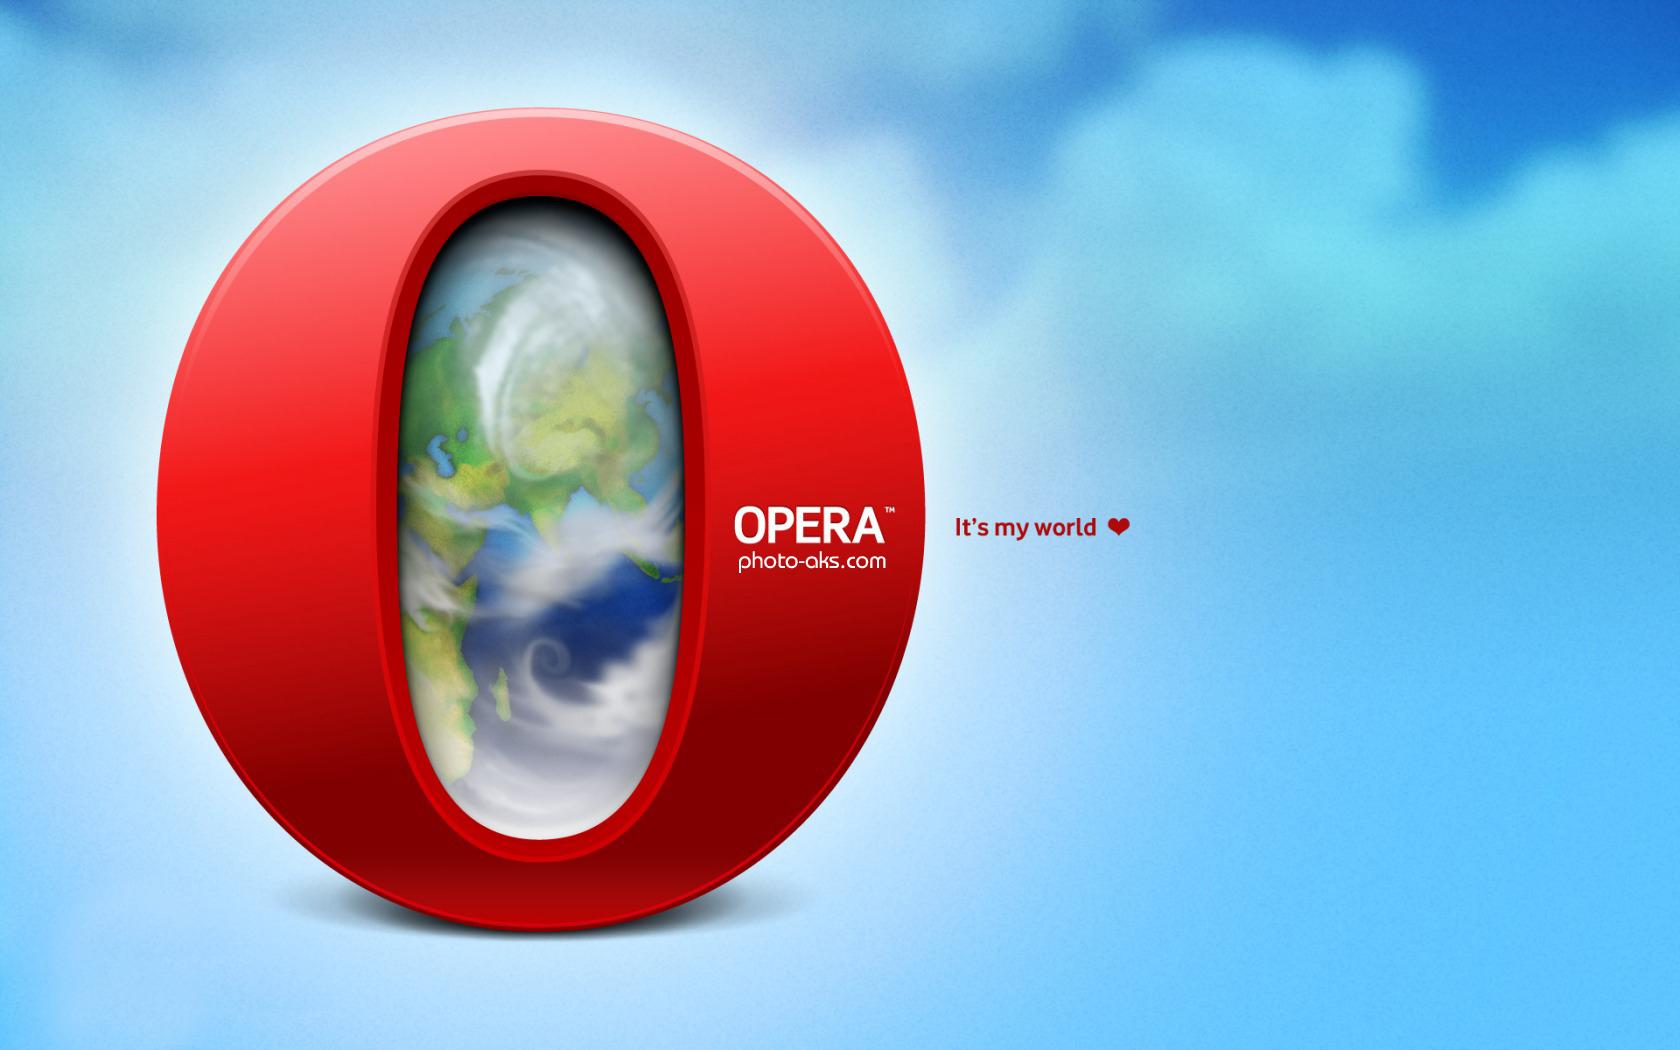 دانلود نرم افزار مرورگر اینترنت اپرا Opera v27.0 Build 1689.54